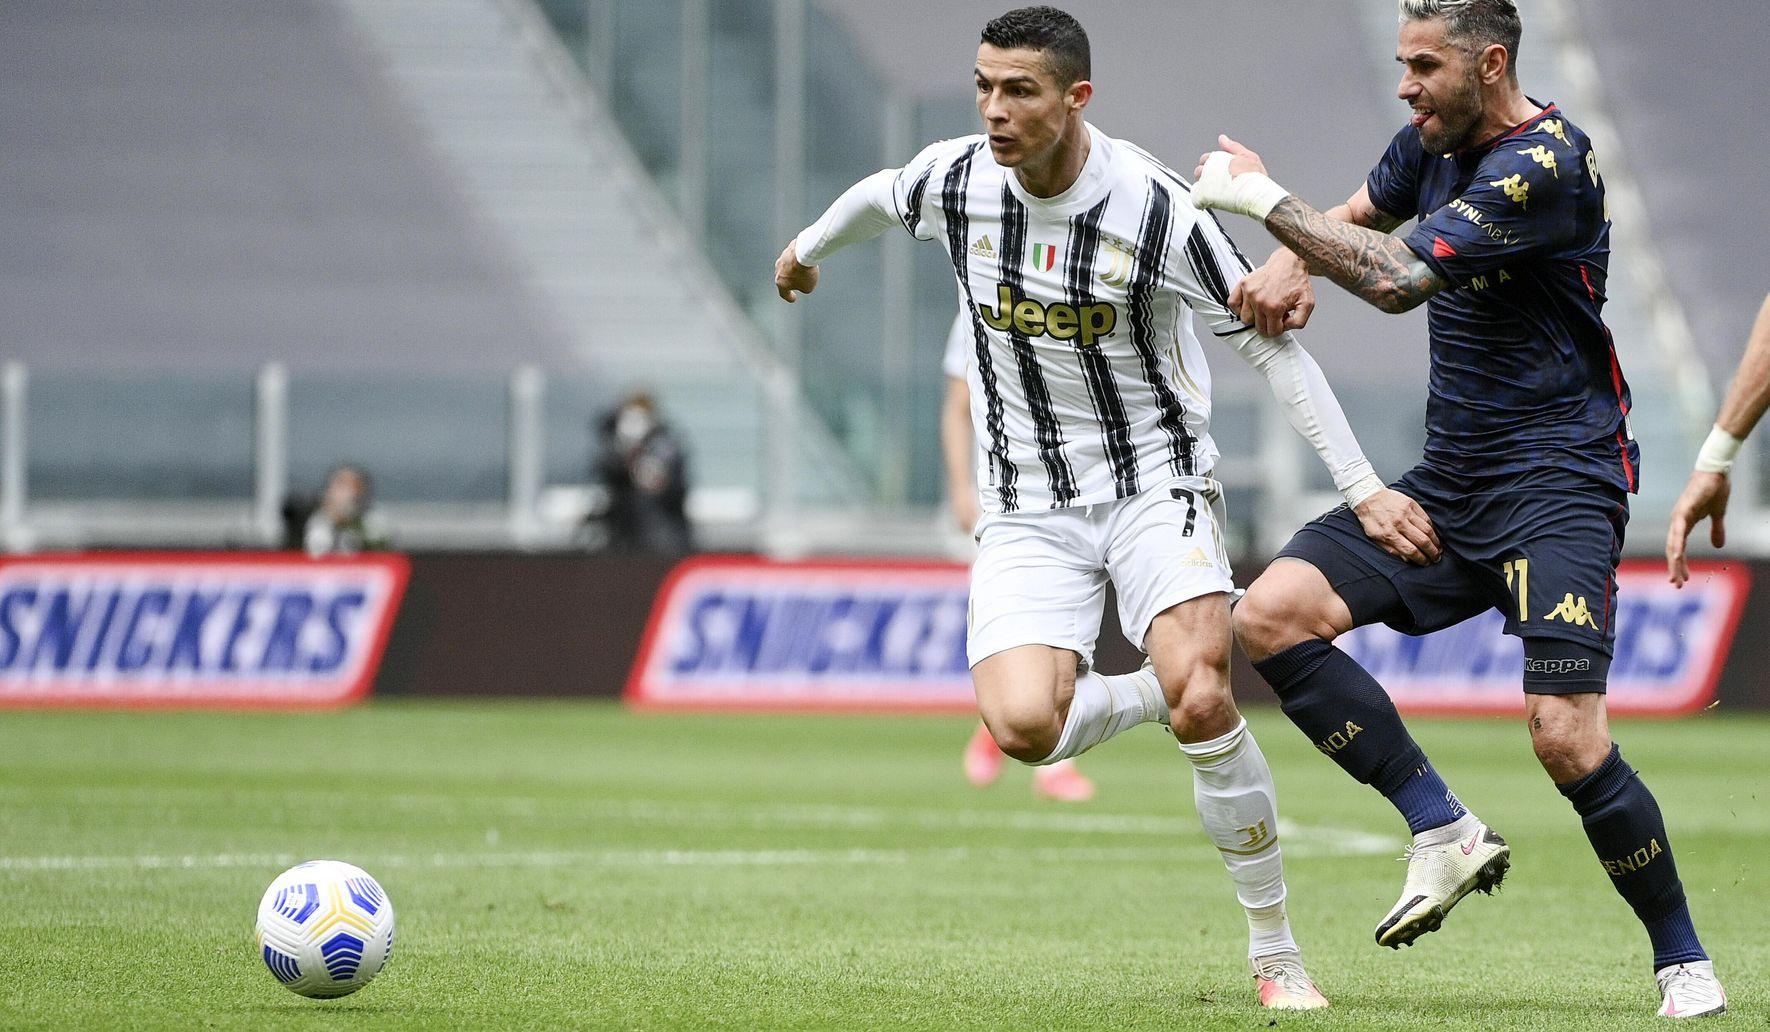 Italy_soccer_serie_a_70312_c0-178-4252-2657_s1770x1032